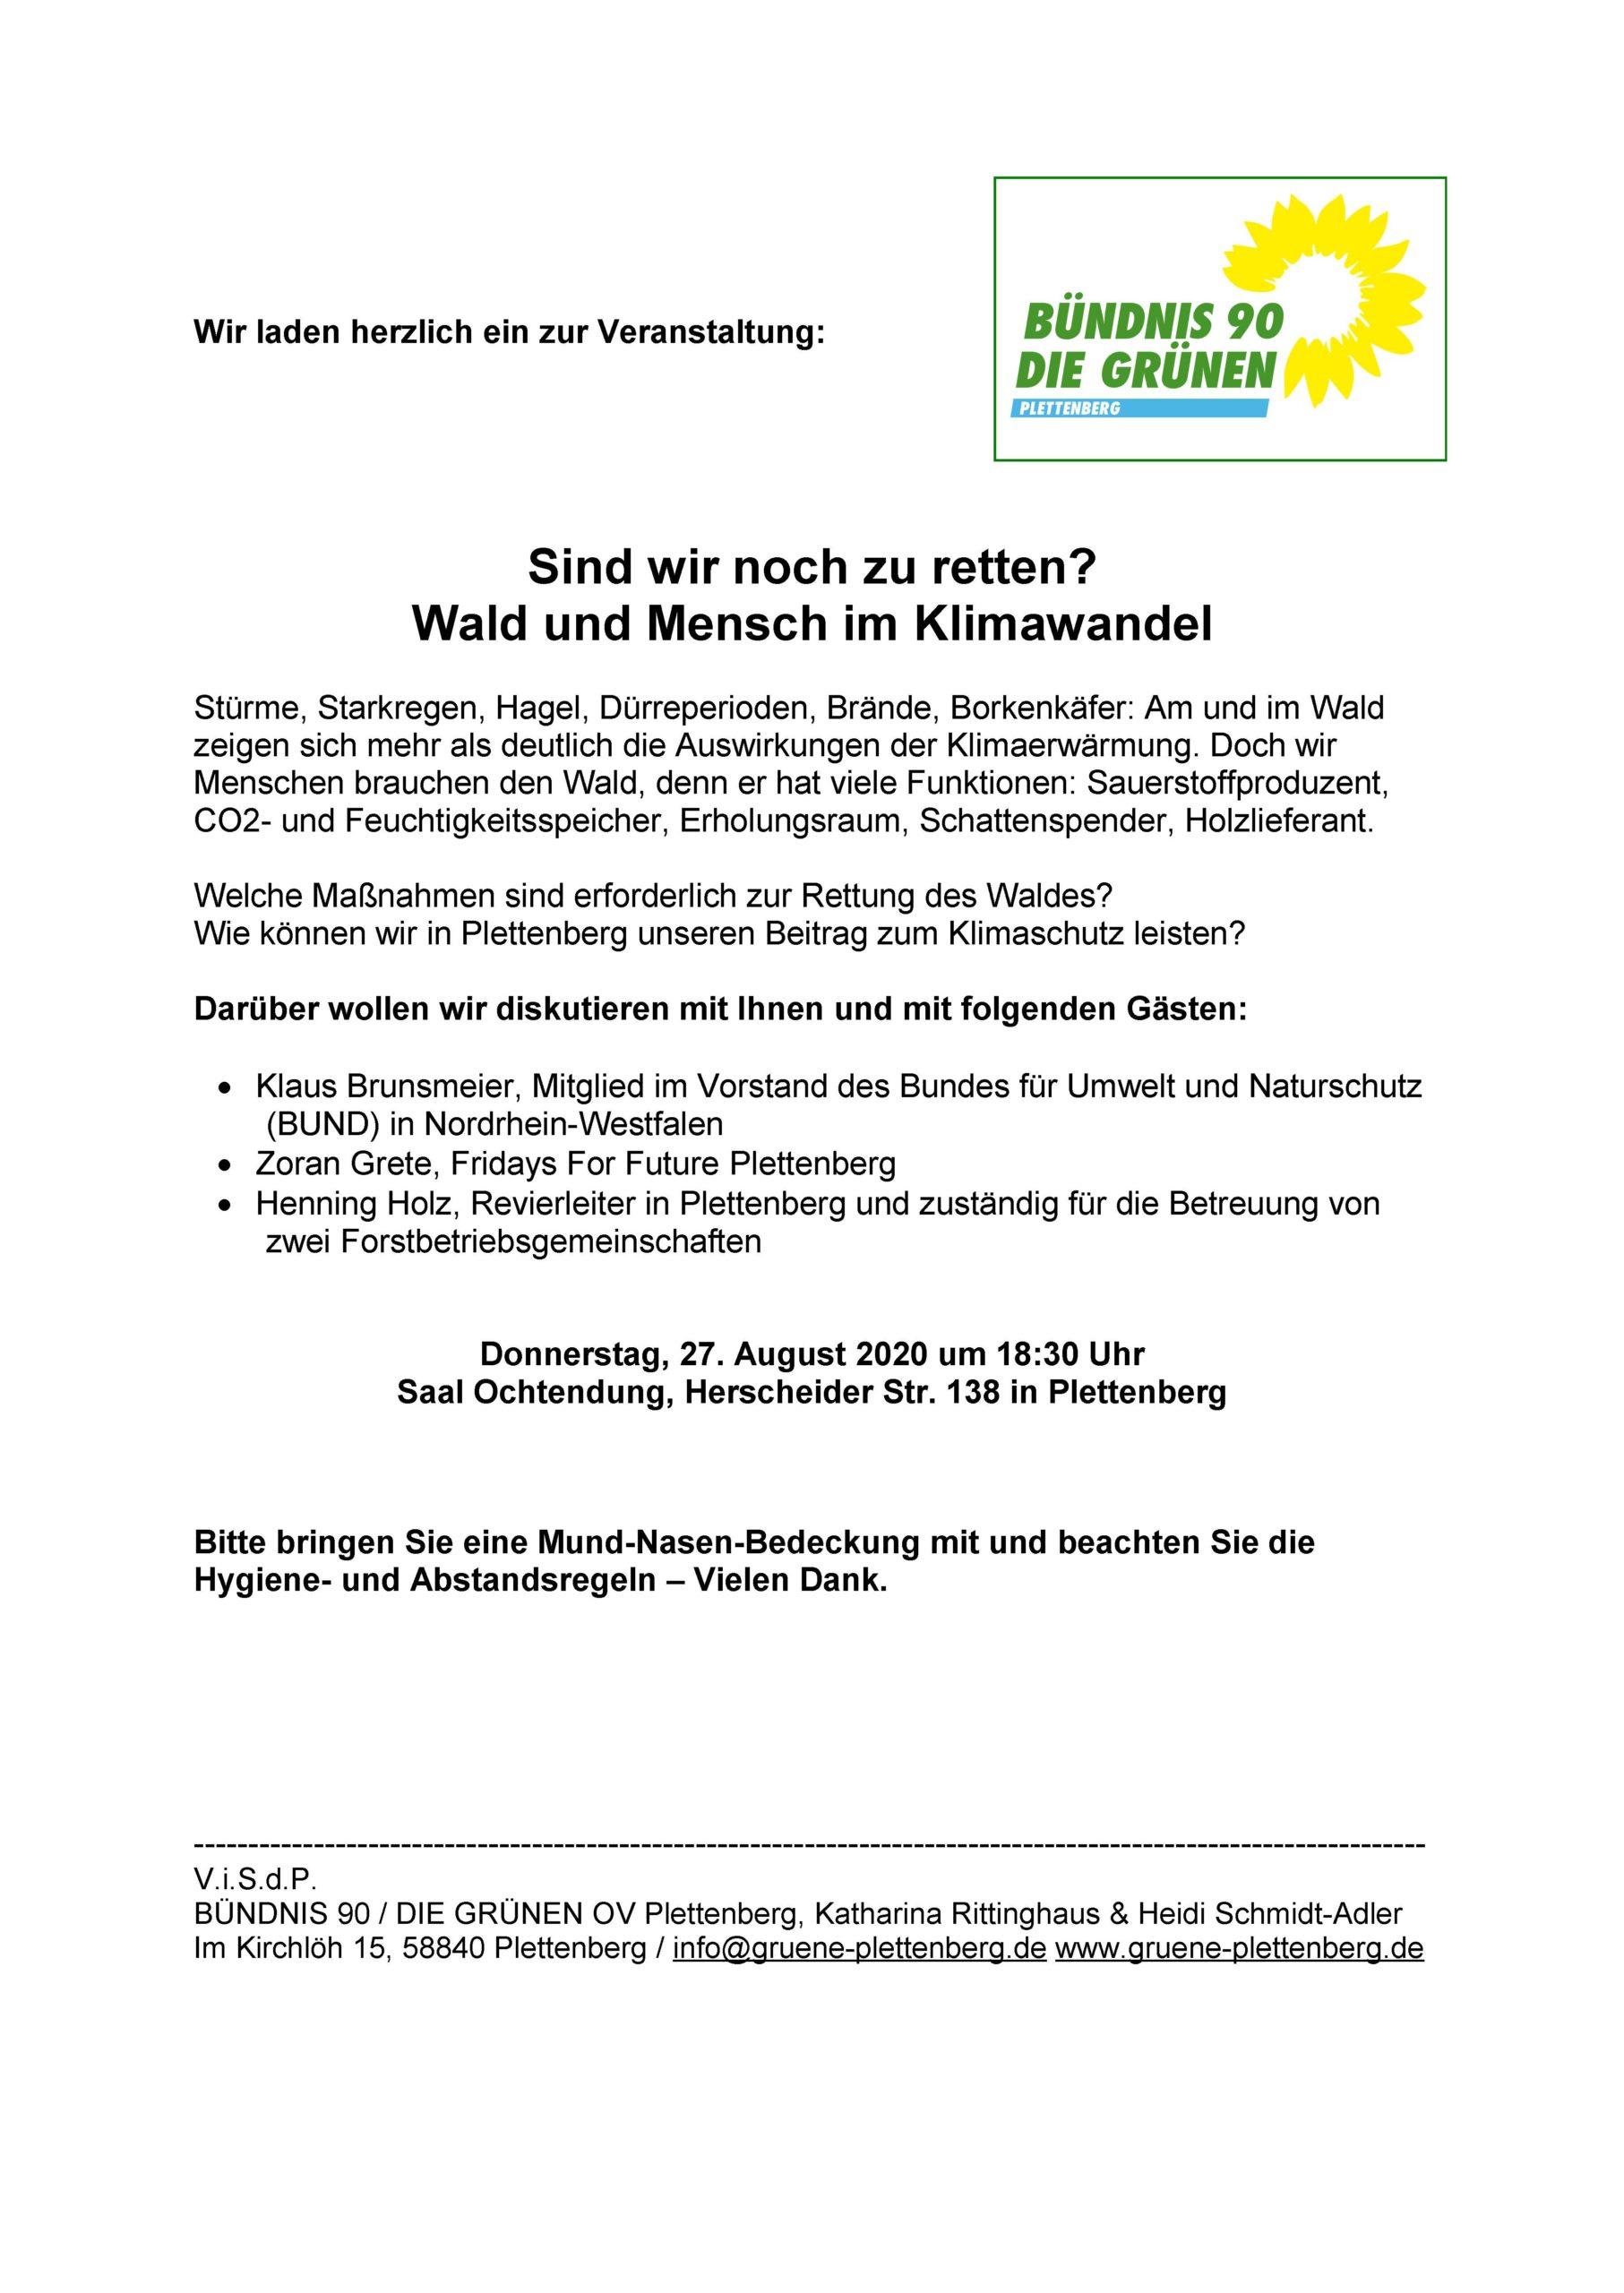 """Einladung zur Veranstaltung """"Sind wir noch zu retten? Wald und Mensch im Klimawandel"""""""